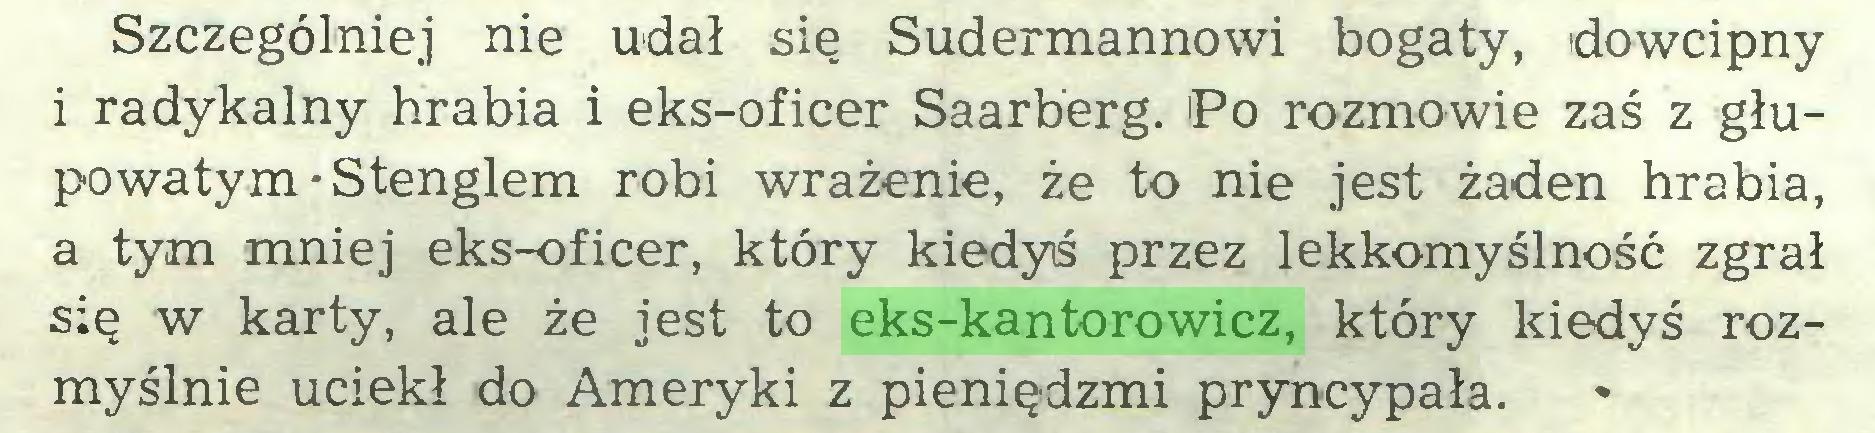 (...) Szczególniej nie udał się Sudermannowi bogaty, dowcipny i radykalny hrabia i eks-oficer Saarberg. 'Po rozmowie zaś z głupowatym • Stenglem robi wrażenie, że to nie jest żaden hrabia, a tym mniej eks-oficer, który kiedyś przez lekkomyślność zgrał się w karty, ale że jest to eks-kantorowicz, który kiedyś rozmyślnie uciekł do Ameryki z pieniędzmi pryncypała...